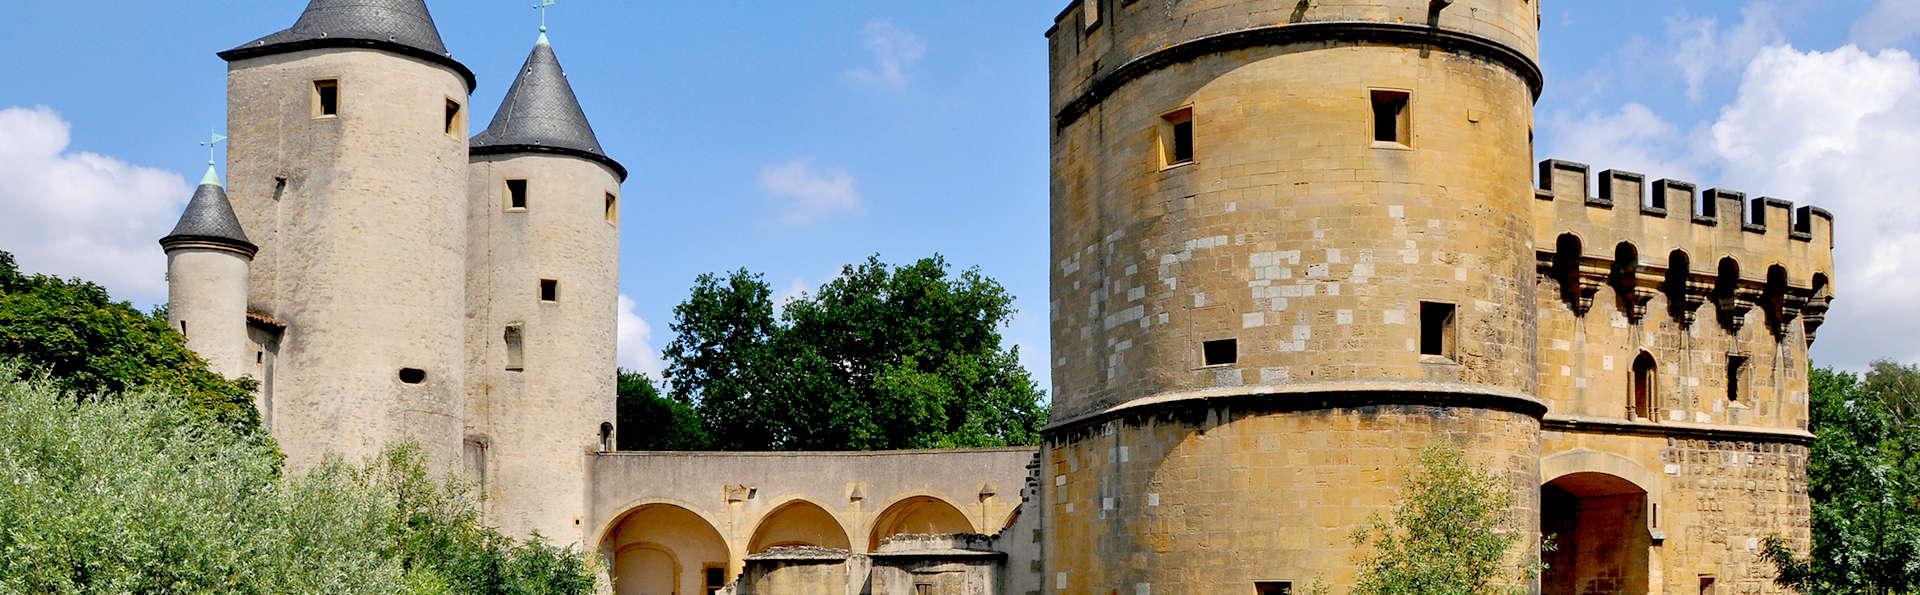 La Grange de Condé - Edit_Destination.jpg